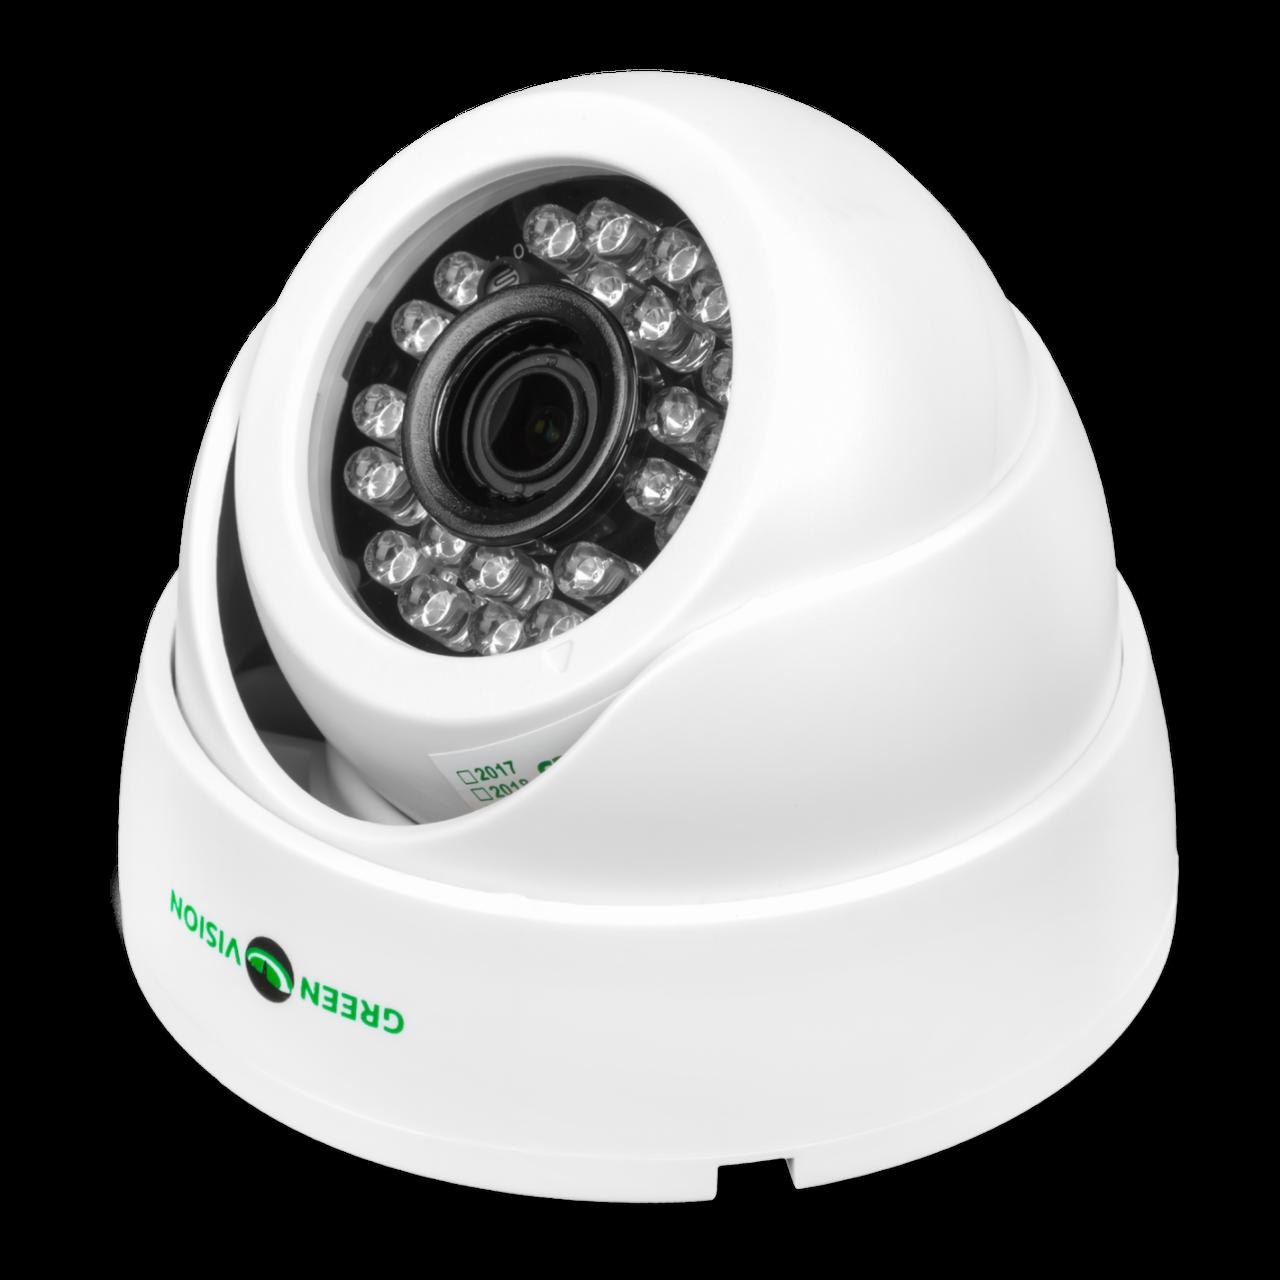 Гибридная купольная внутренняя камера GreenVision GV-051-GHD-G-DIA20-20